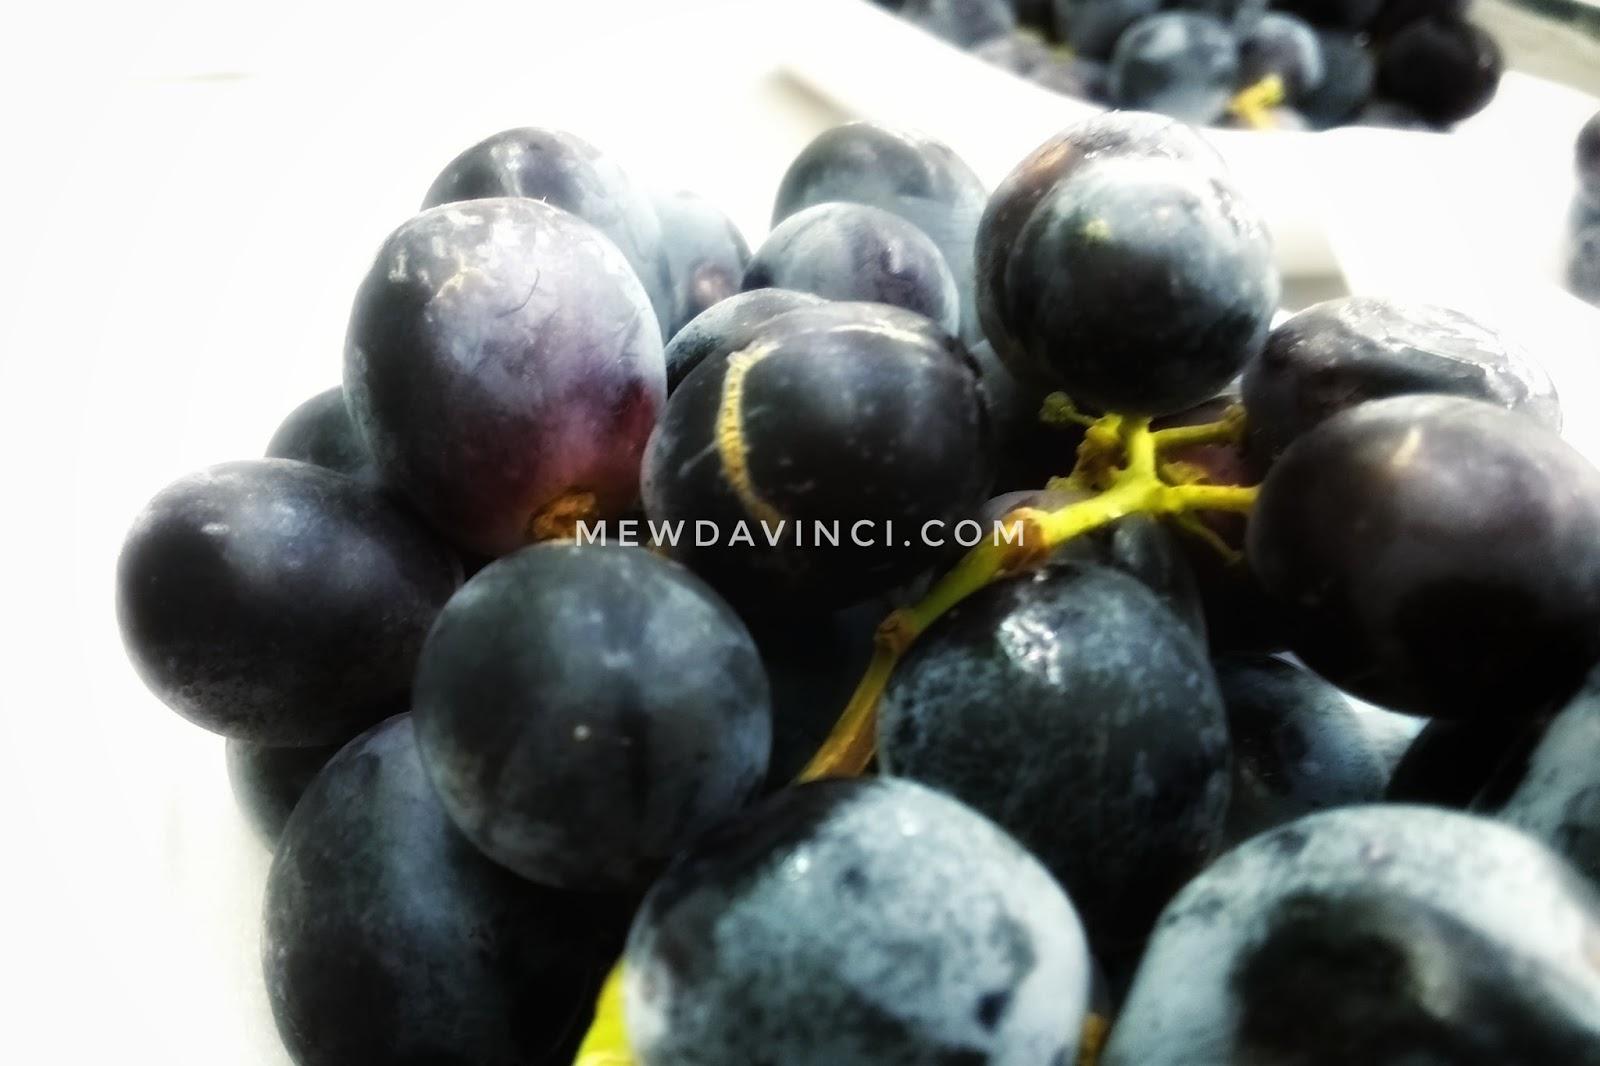 Buah anggur tanpa biji untuk dibuat kismis